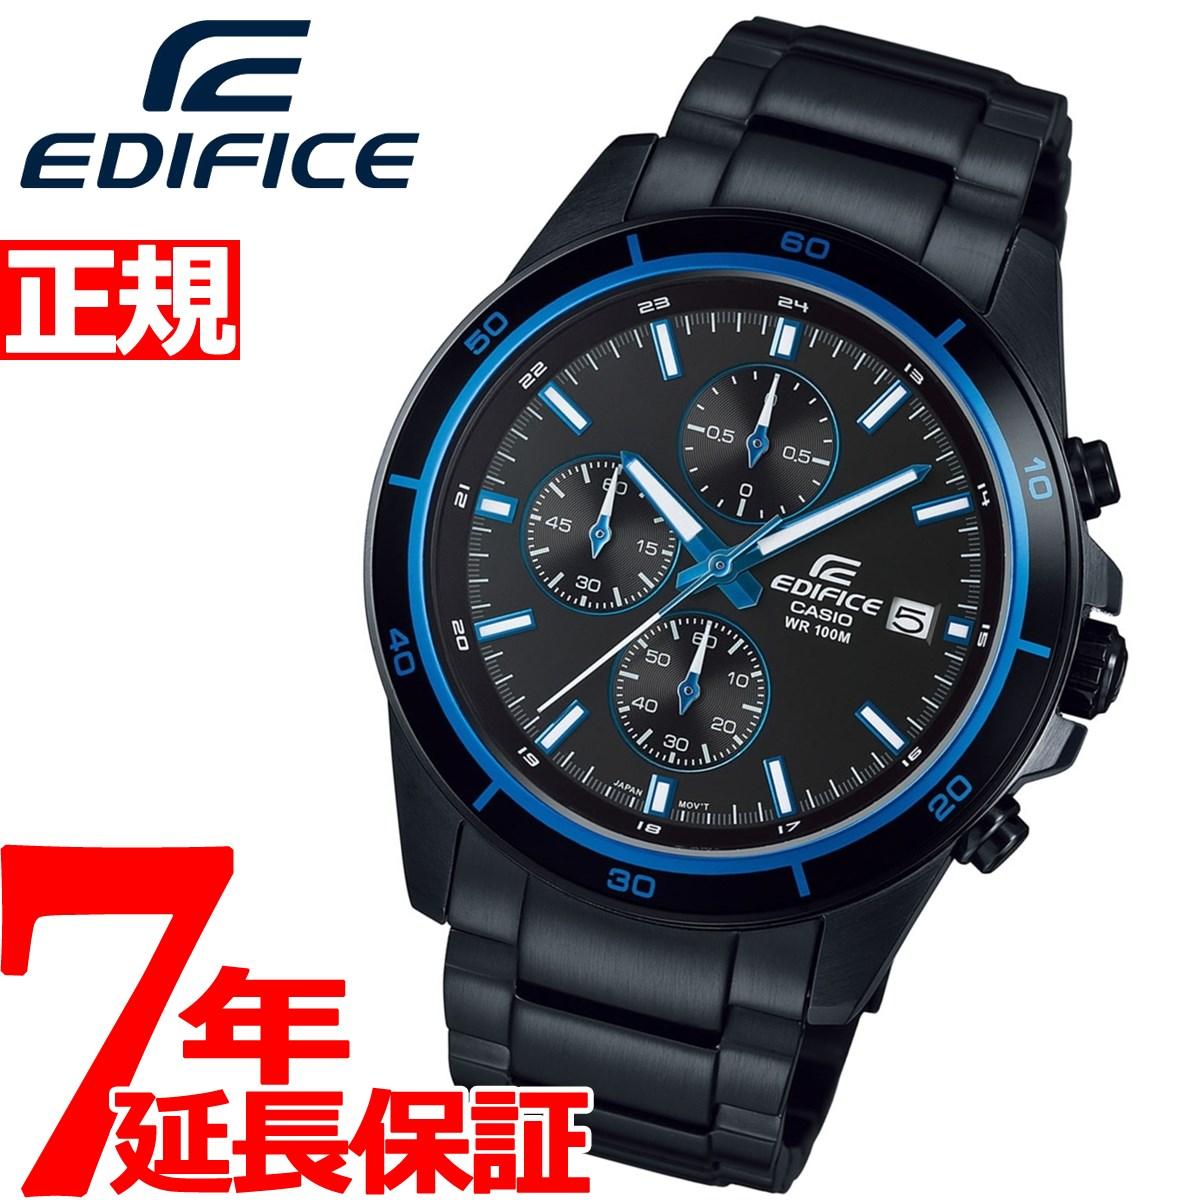 카시오에디피스 CASIO EDIFICE 한정 모델 손목시계 맨즈 아날로그 크로노그래프 EFR-526 BKJ-1 A2JF